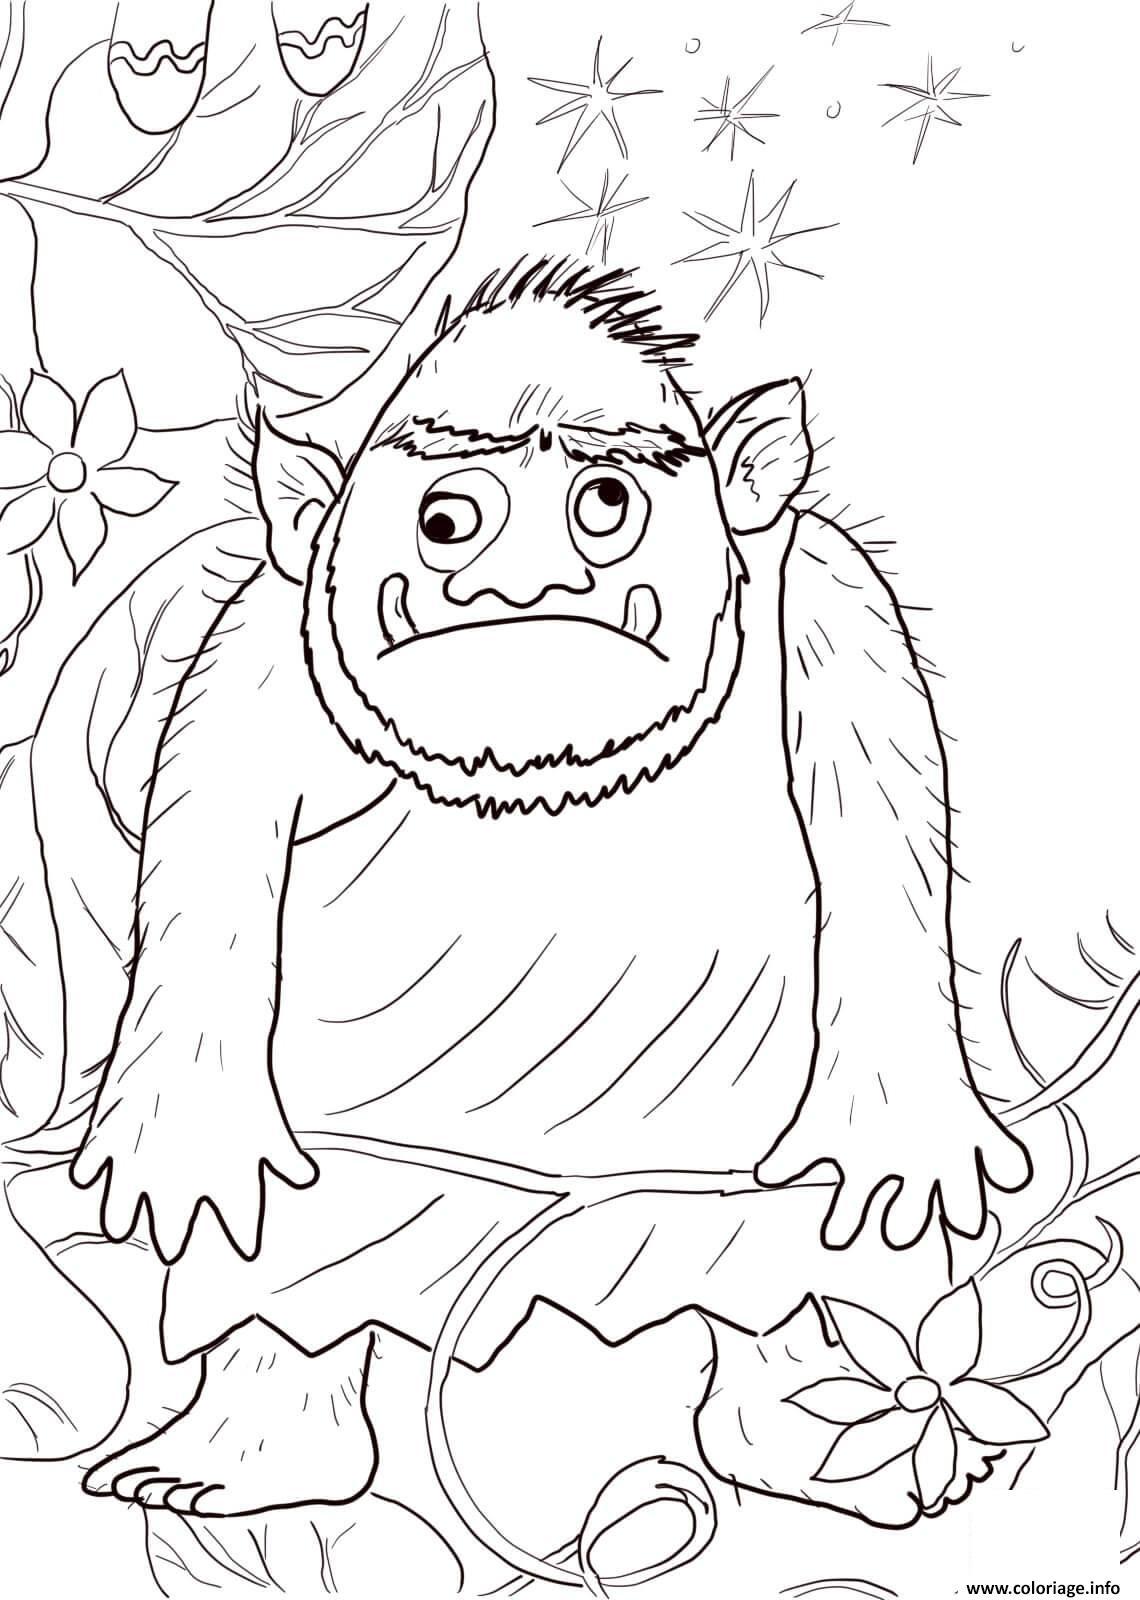 Dessin ogre avec les yeux en haut et en bas Coloriage Gratuit à Imprimer